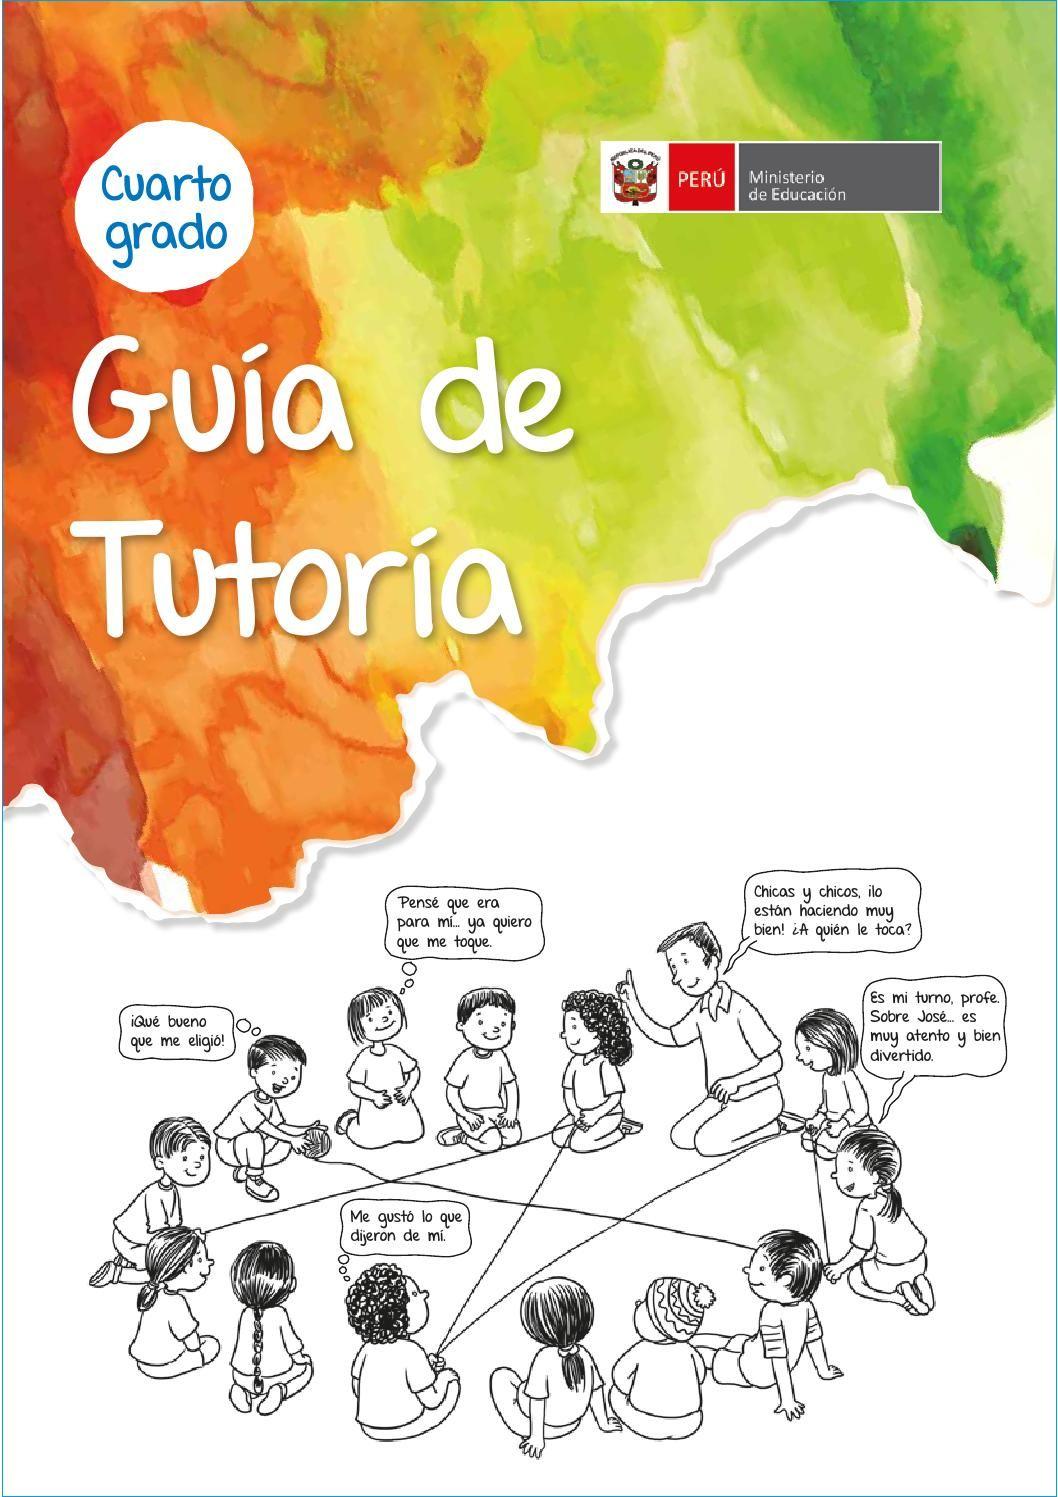 Guia tutoria cuarto grado | LIBROS_ EDUCACIÓN | Books y Make it simple